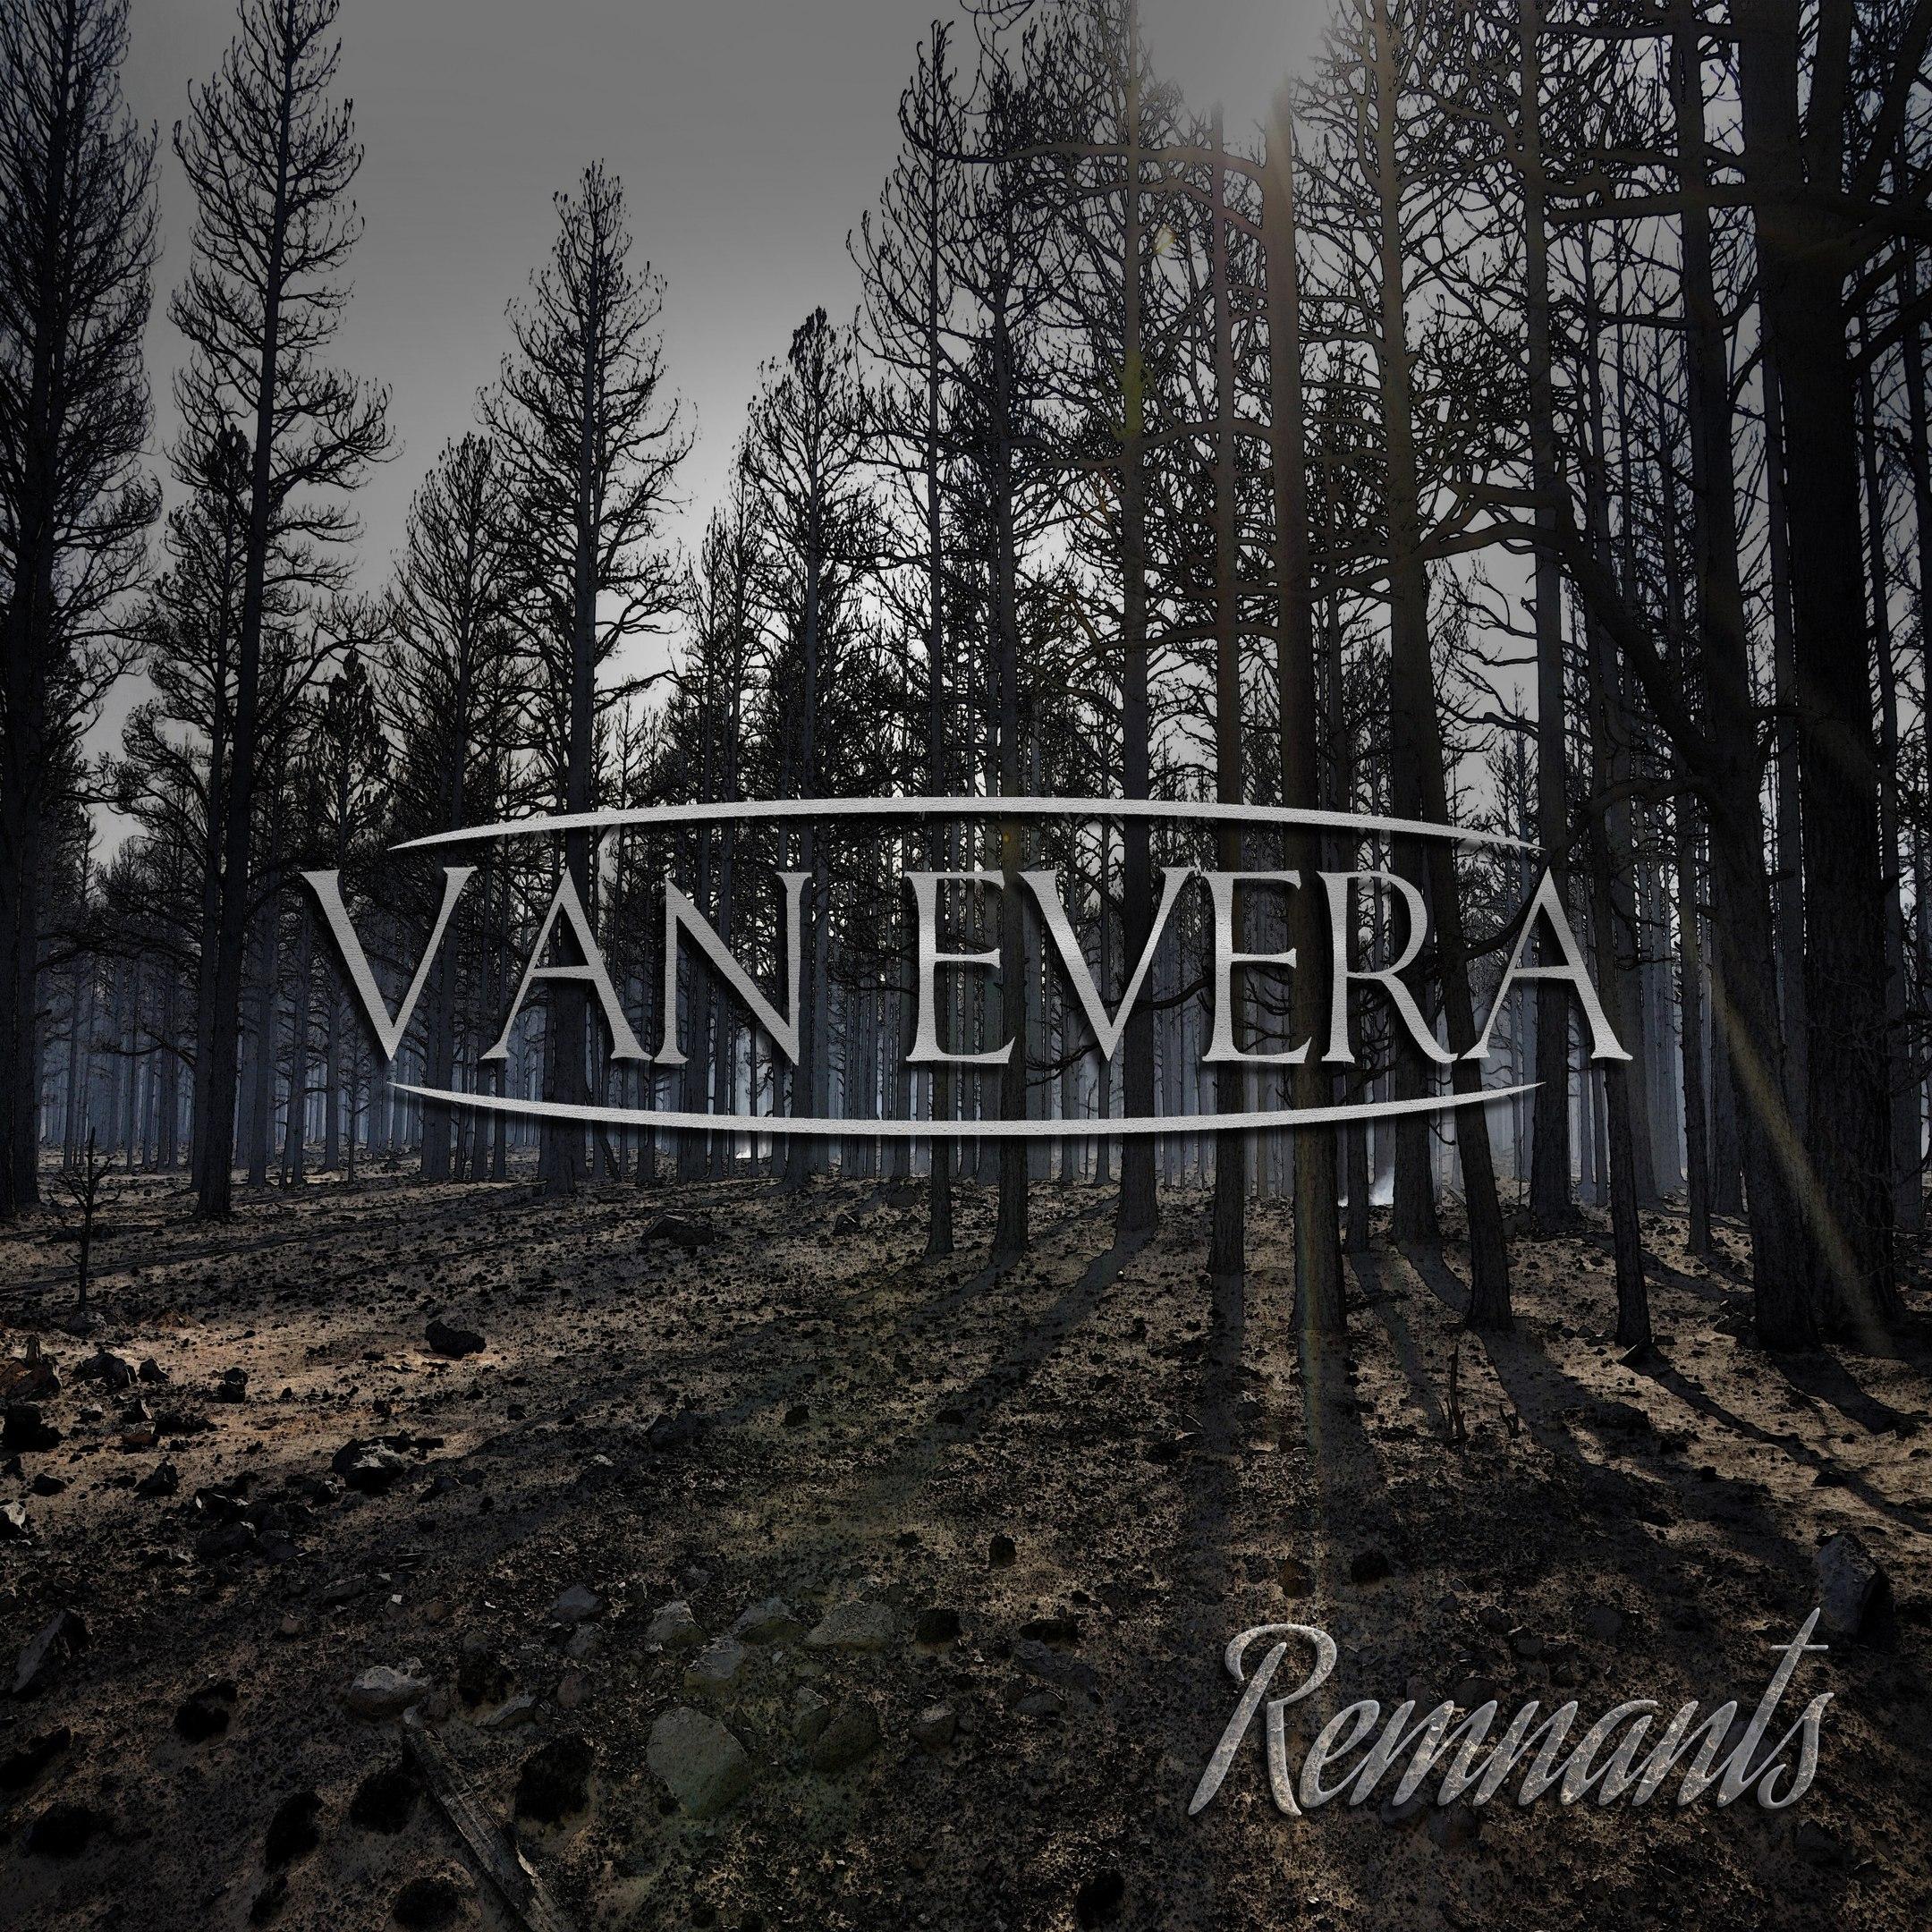 Van Evera - Remnants [EP] (2017)